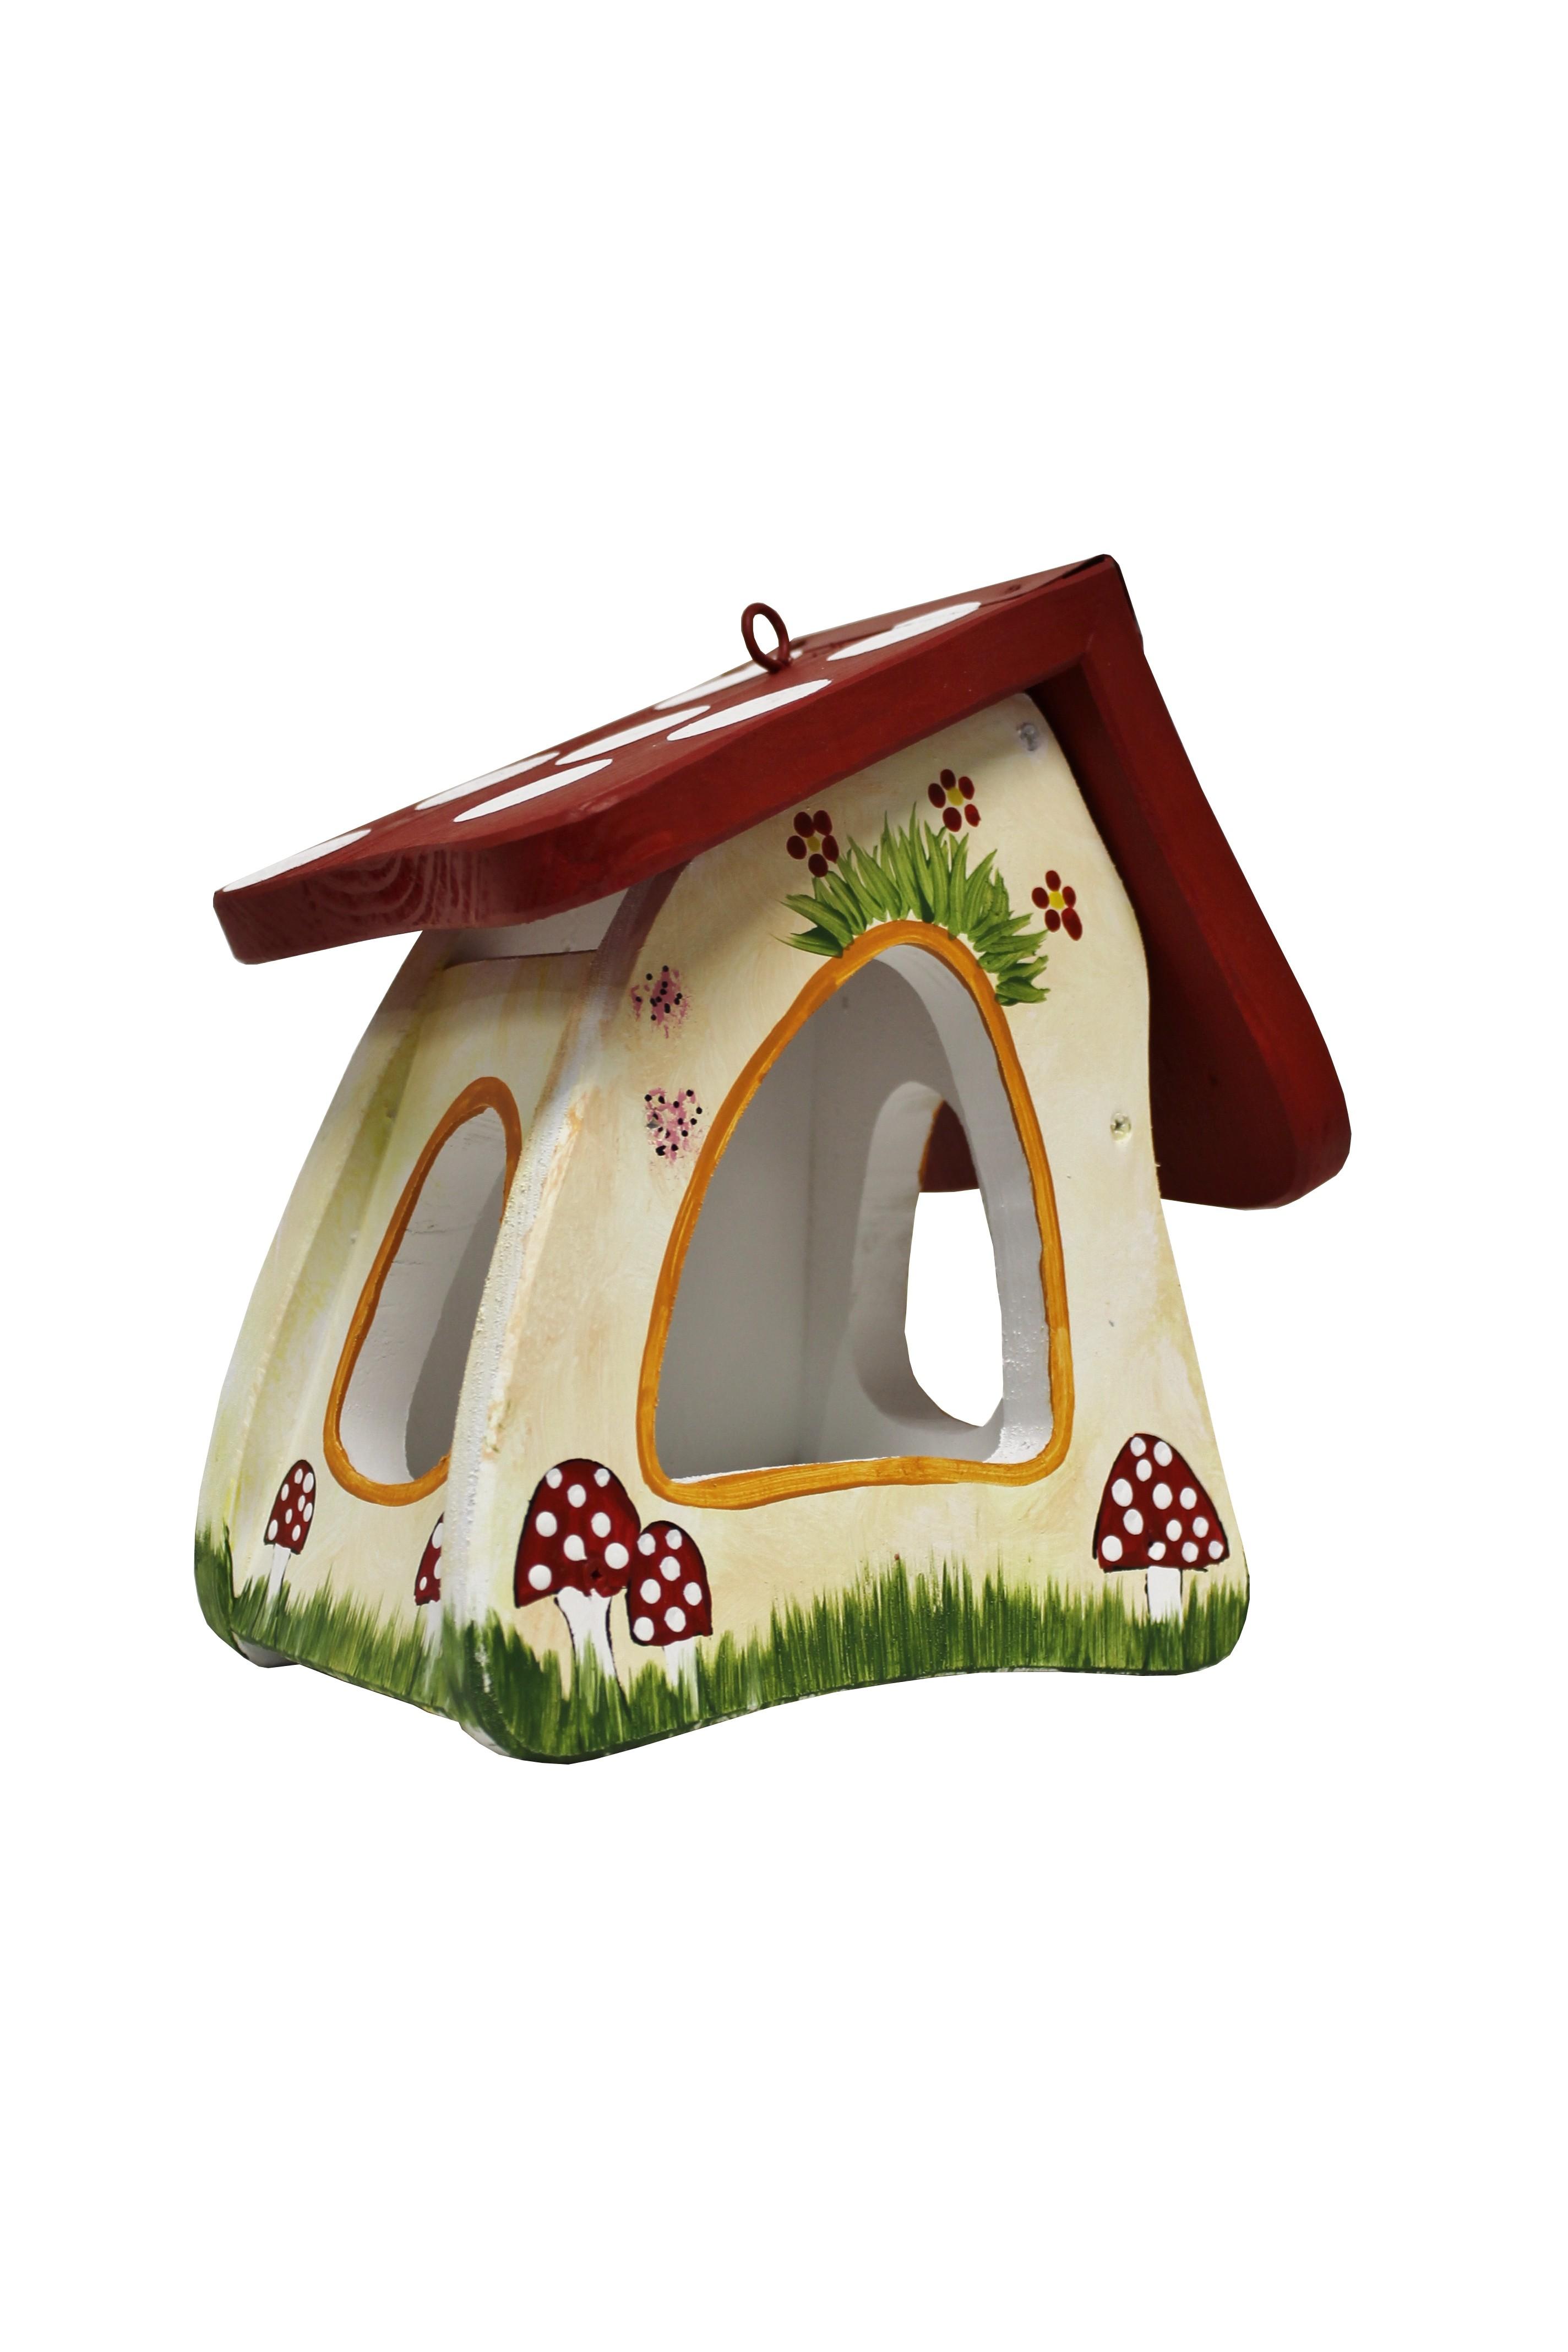 Futtermini Waldhaus von Die Vogelvilla